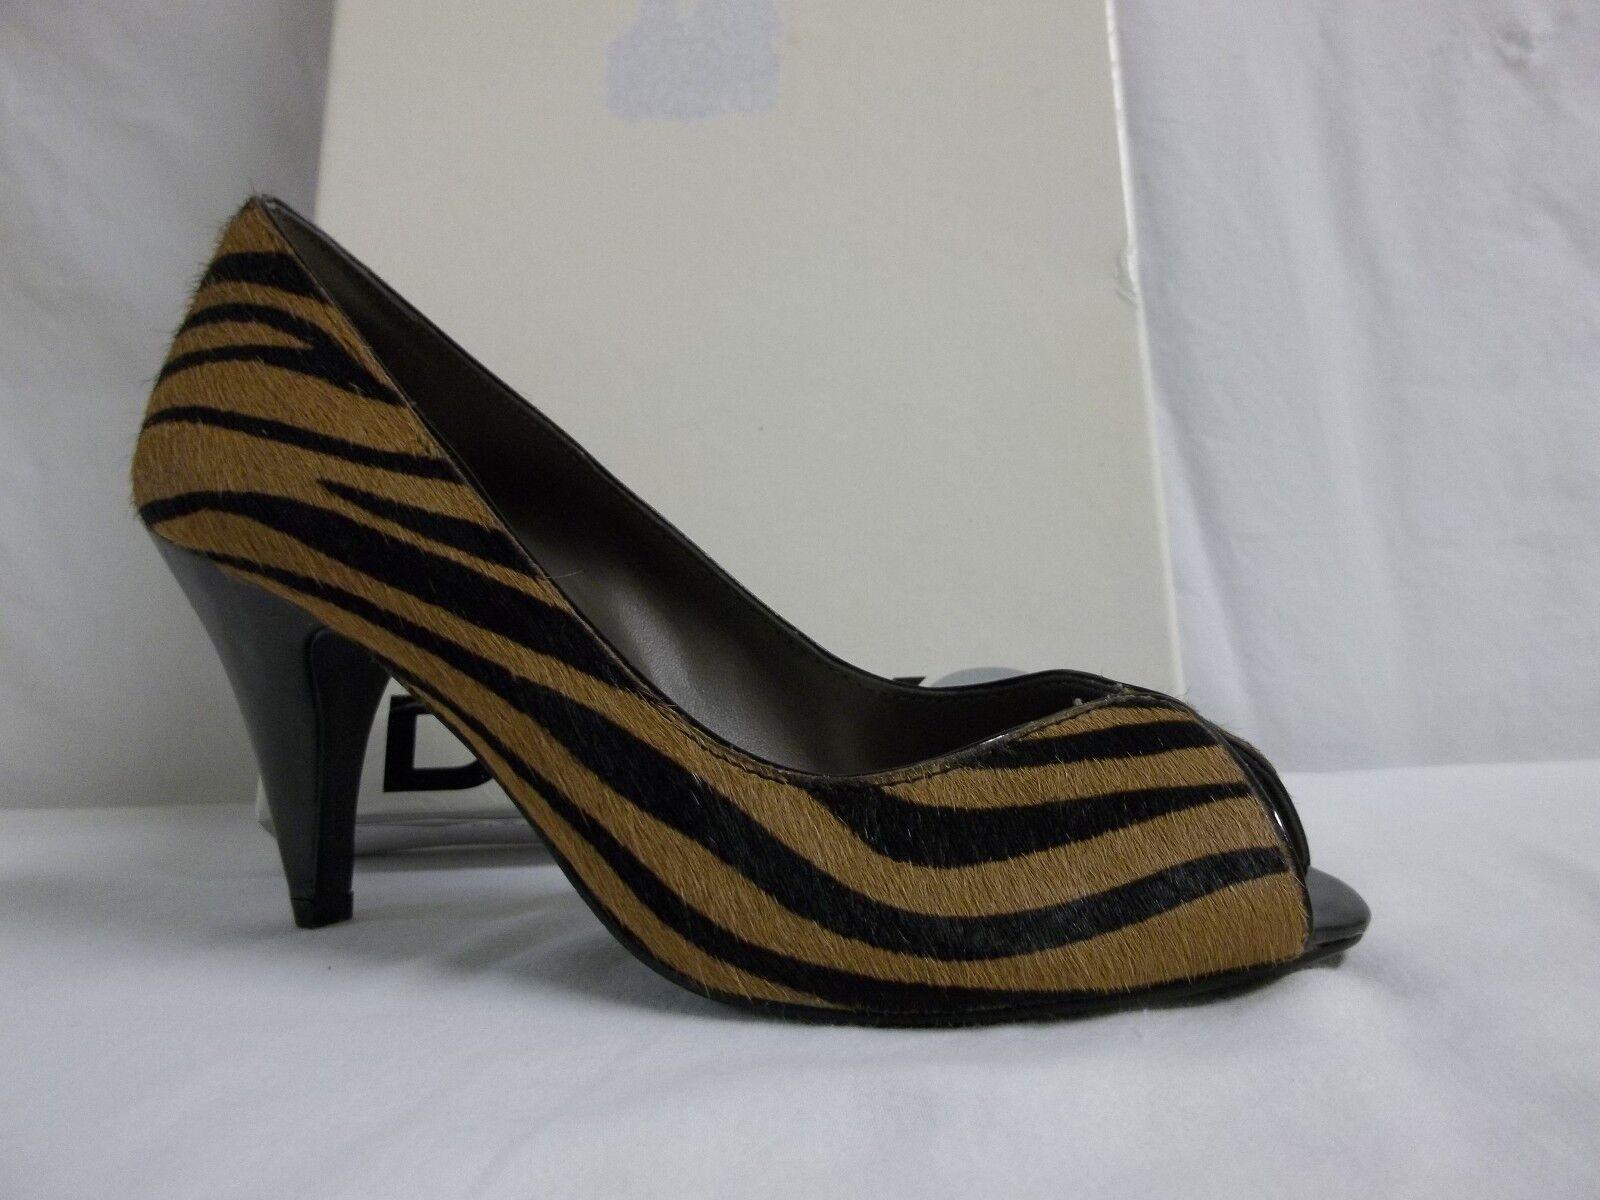 Dknyc Dkny Dkny Dkny Talla 5.5 M Hillary Zebra Peep Toe Tacones nuevo Zapatos para mujer  entrega rápida